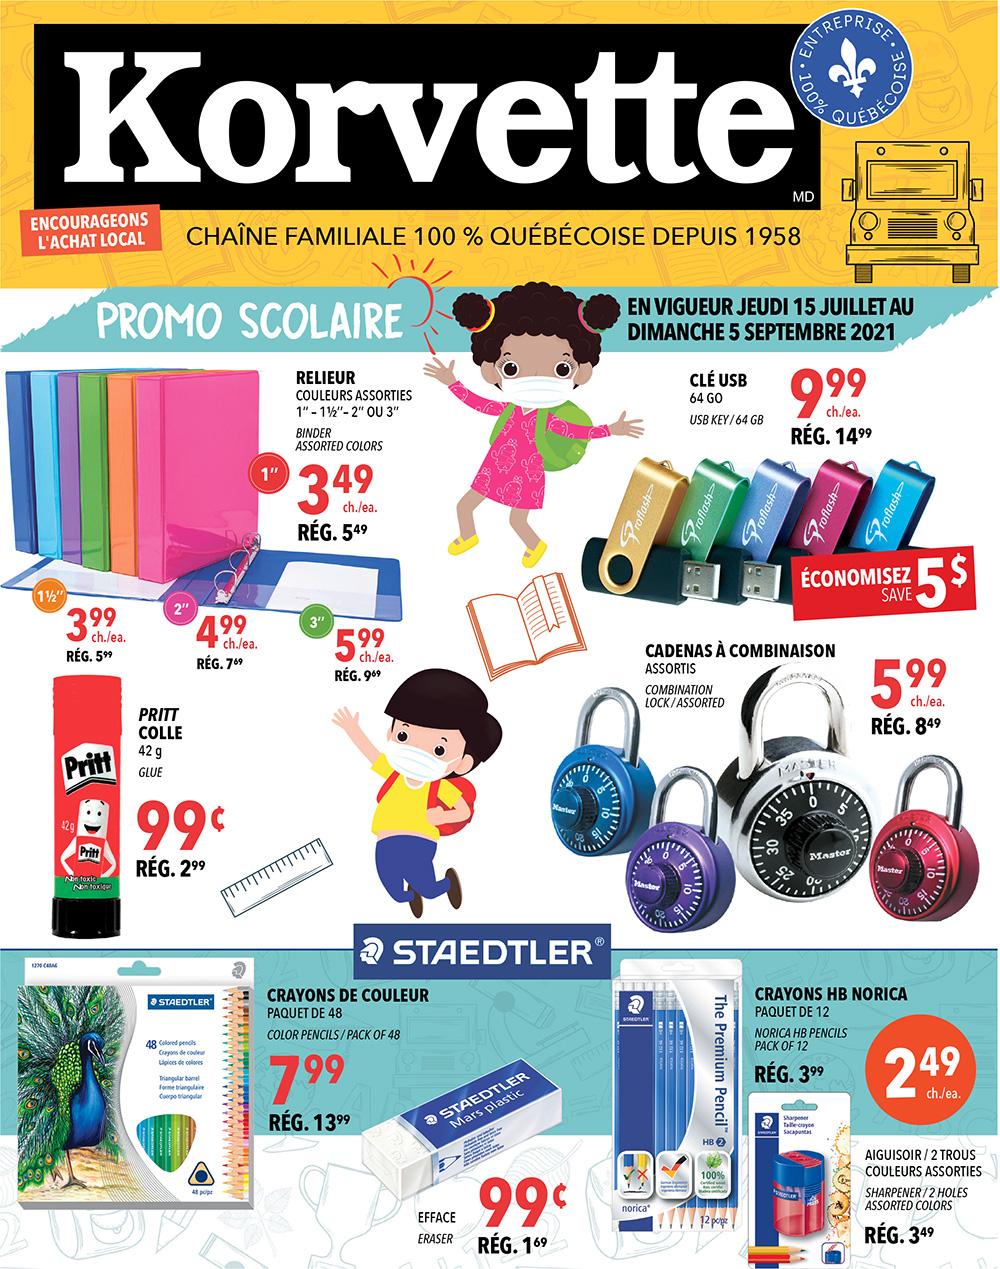 Circulaire Korvette - Promo Scolaire du 15 Juillet au 5 Septembre 2021 - Page 1